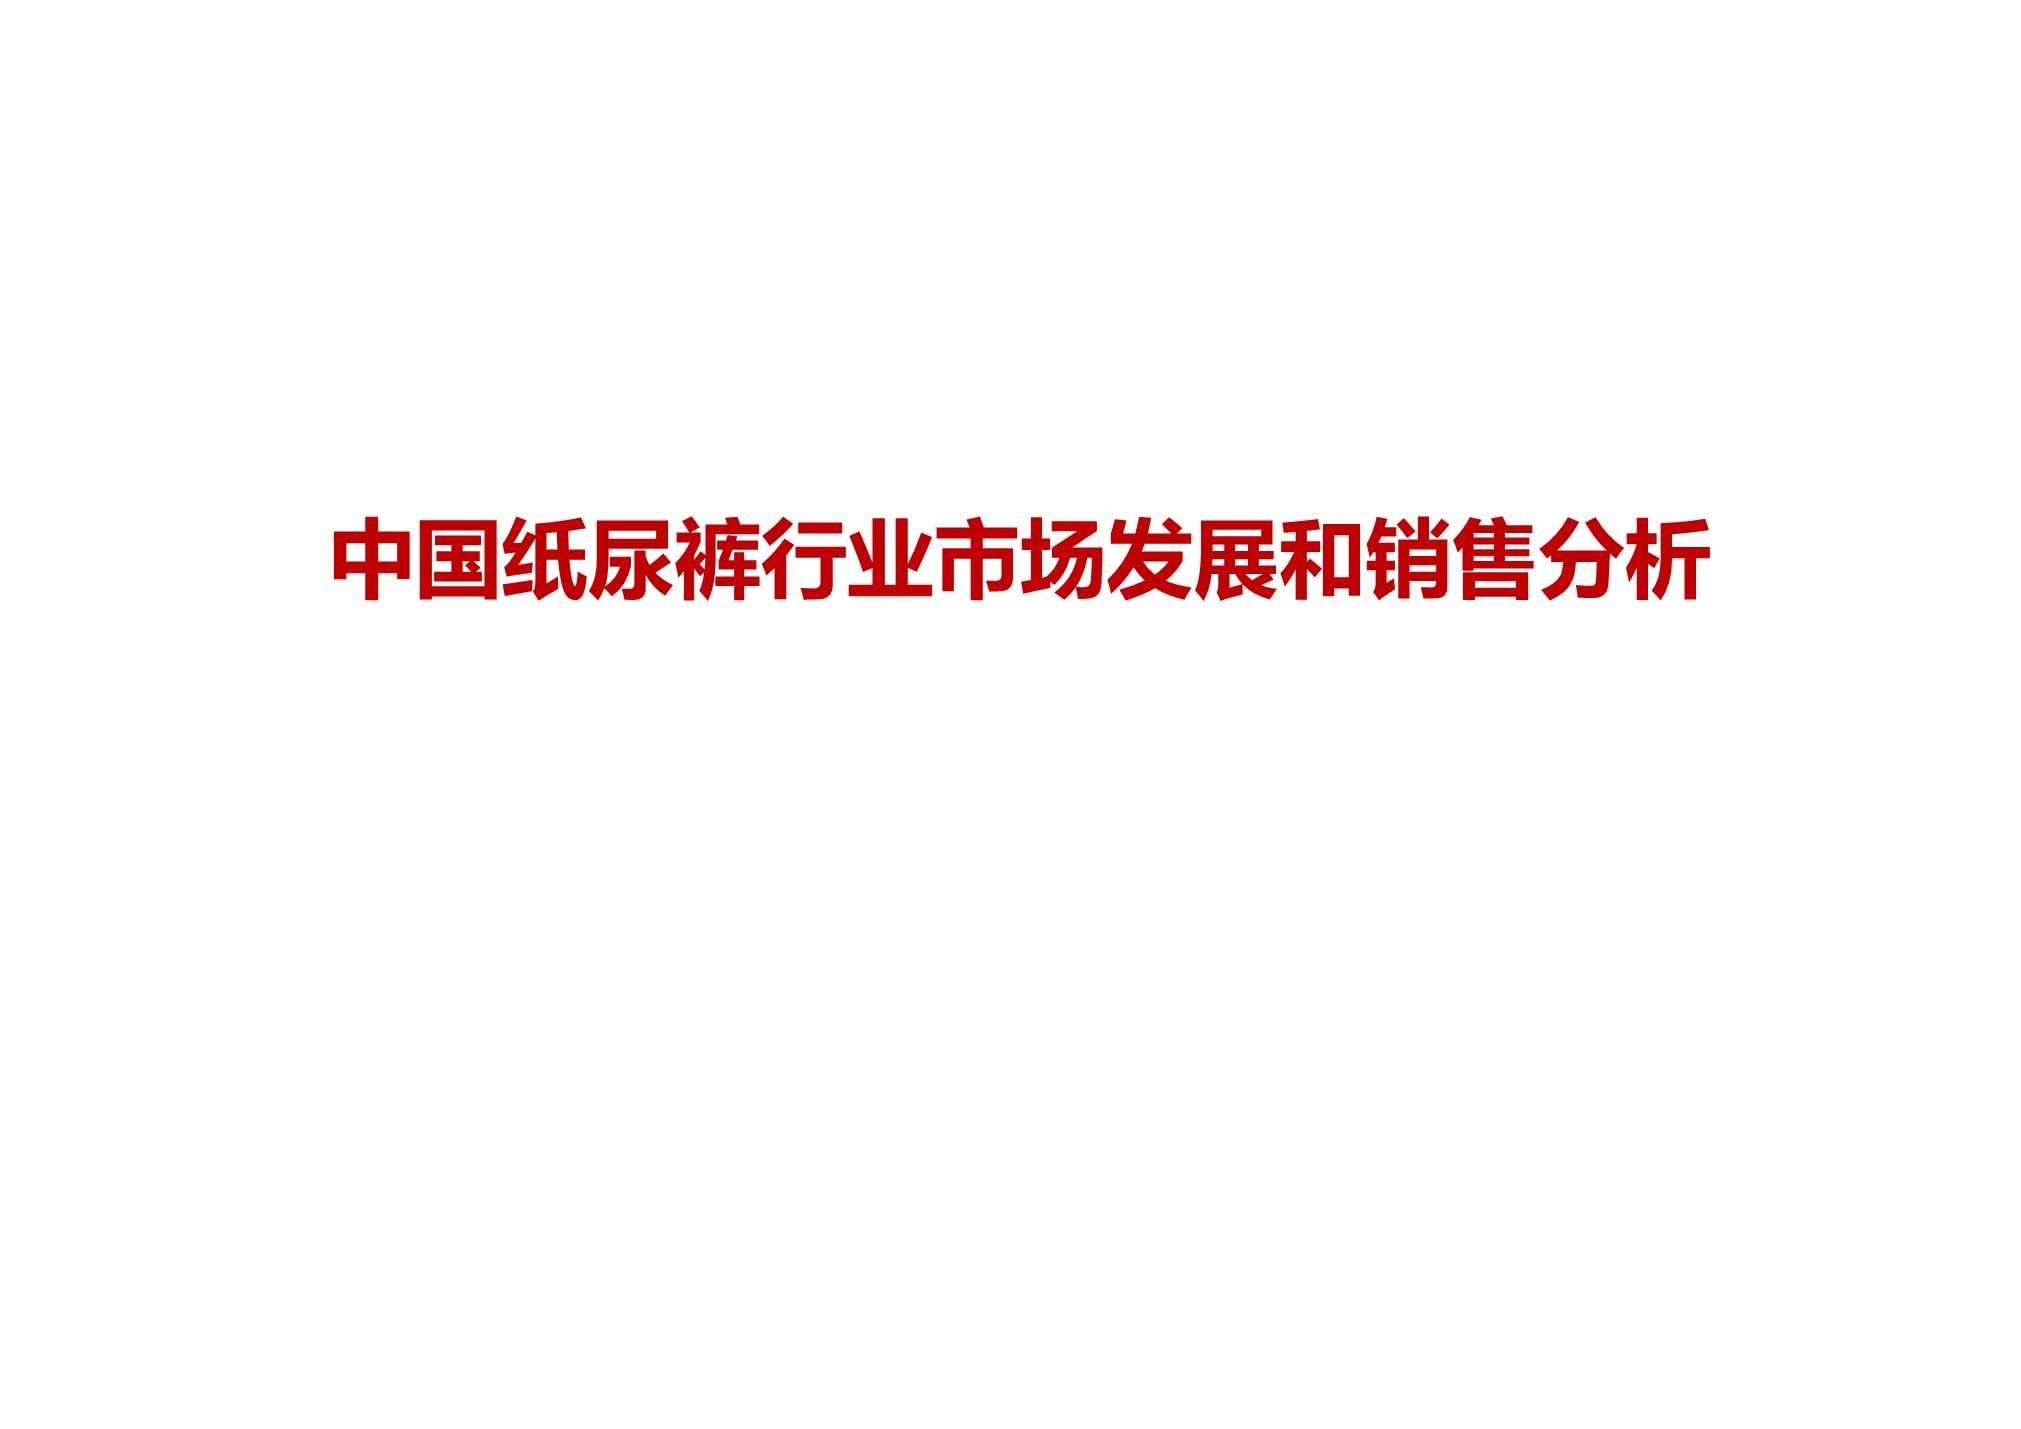 《中国纸尿裤行业市场发展和营销案例分析》PPT.ppt